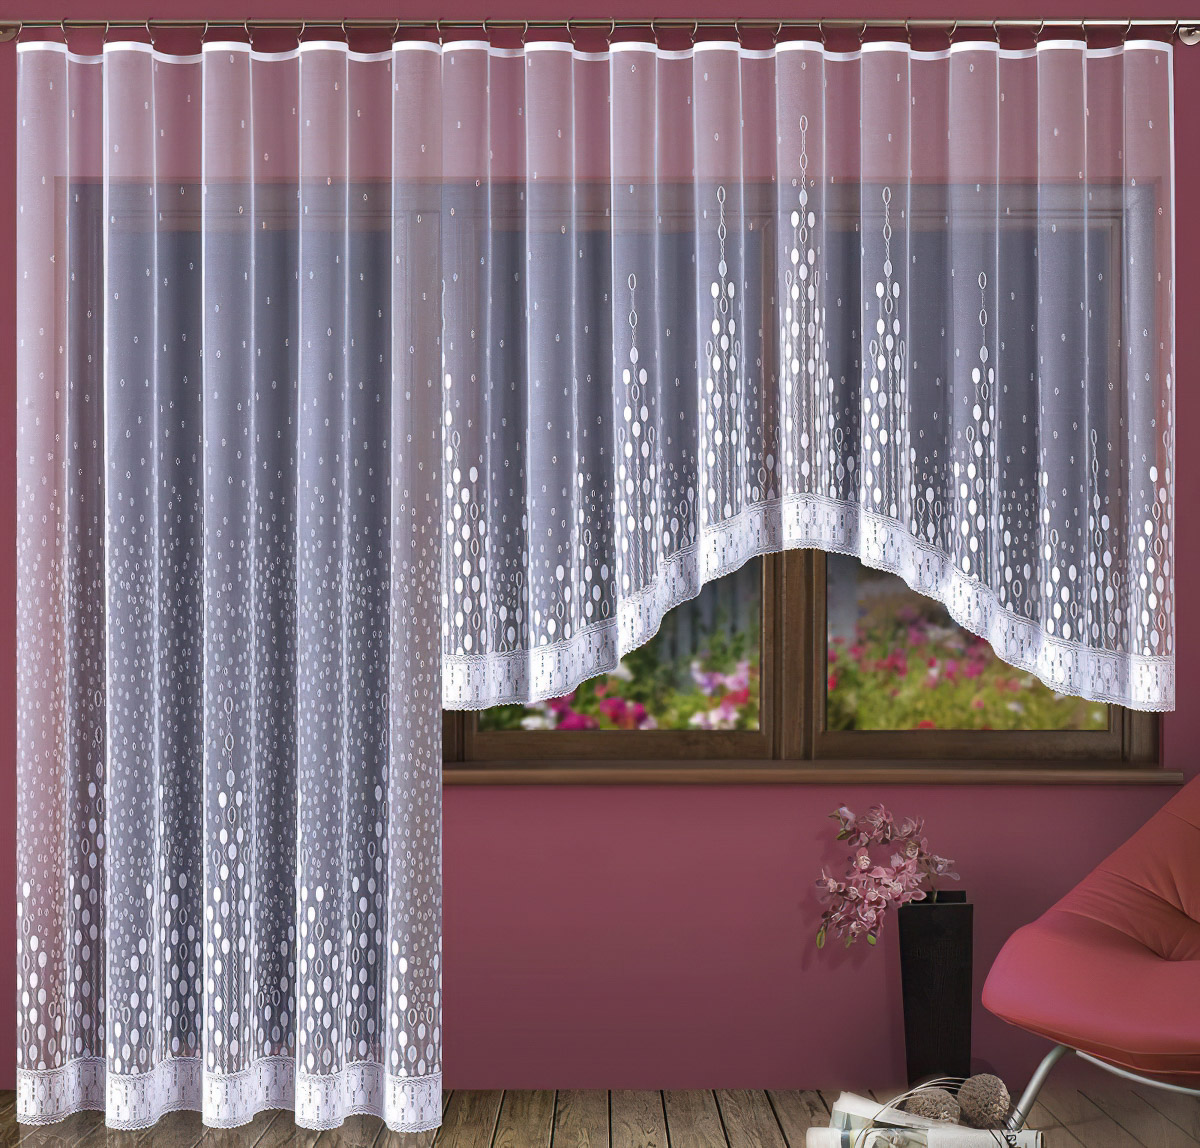 Forbyt kusová záclona PAULA jednobarevná bílá, výška 250 cm x šířka 200 cm (na dveře)